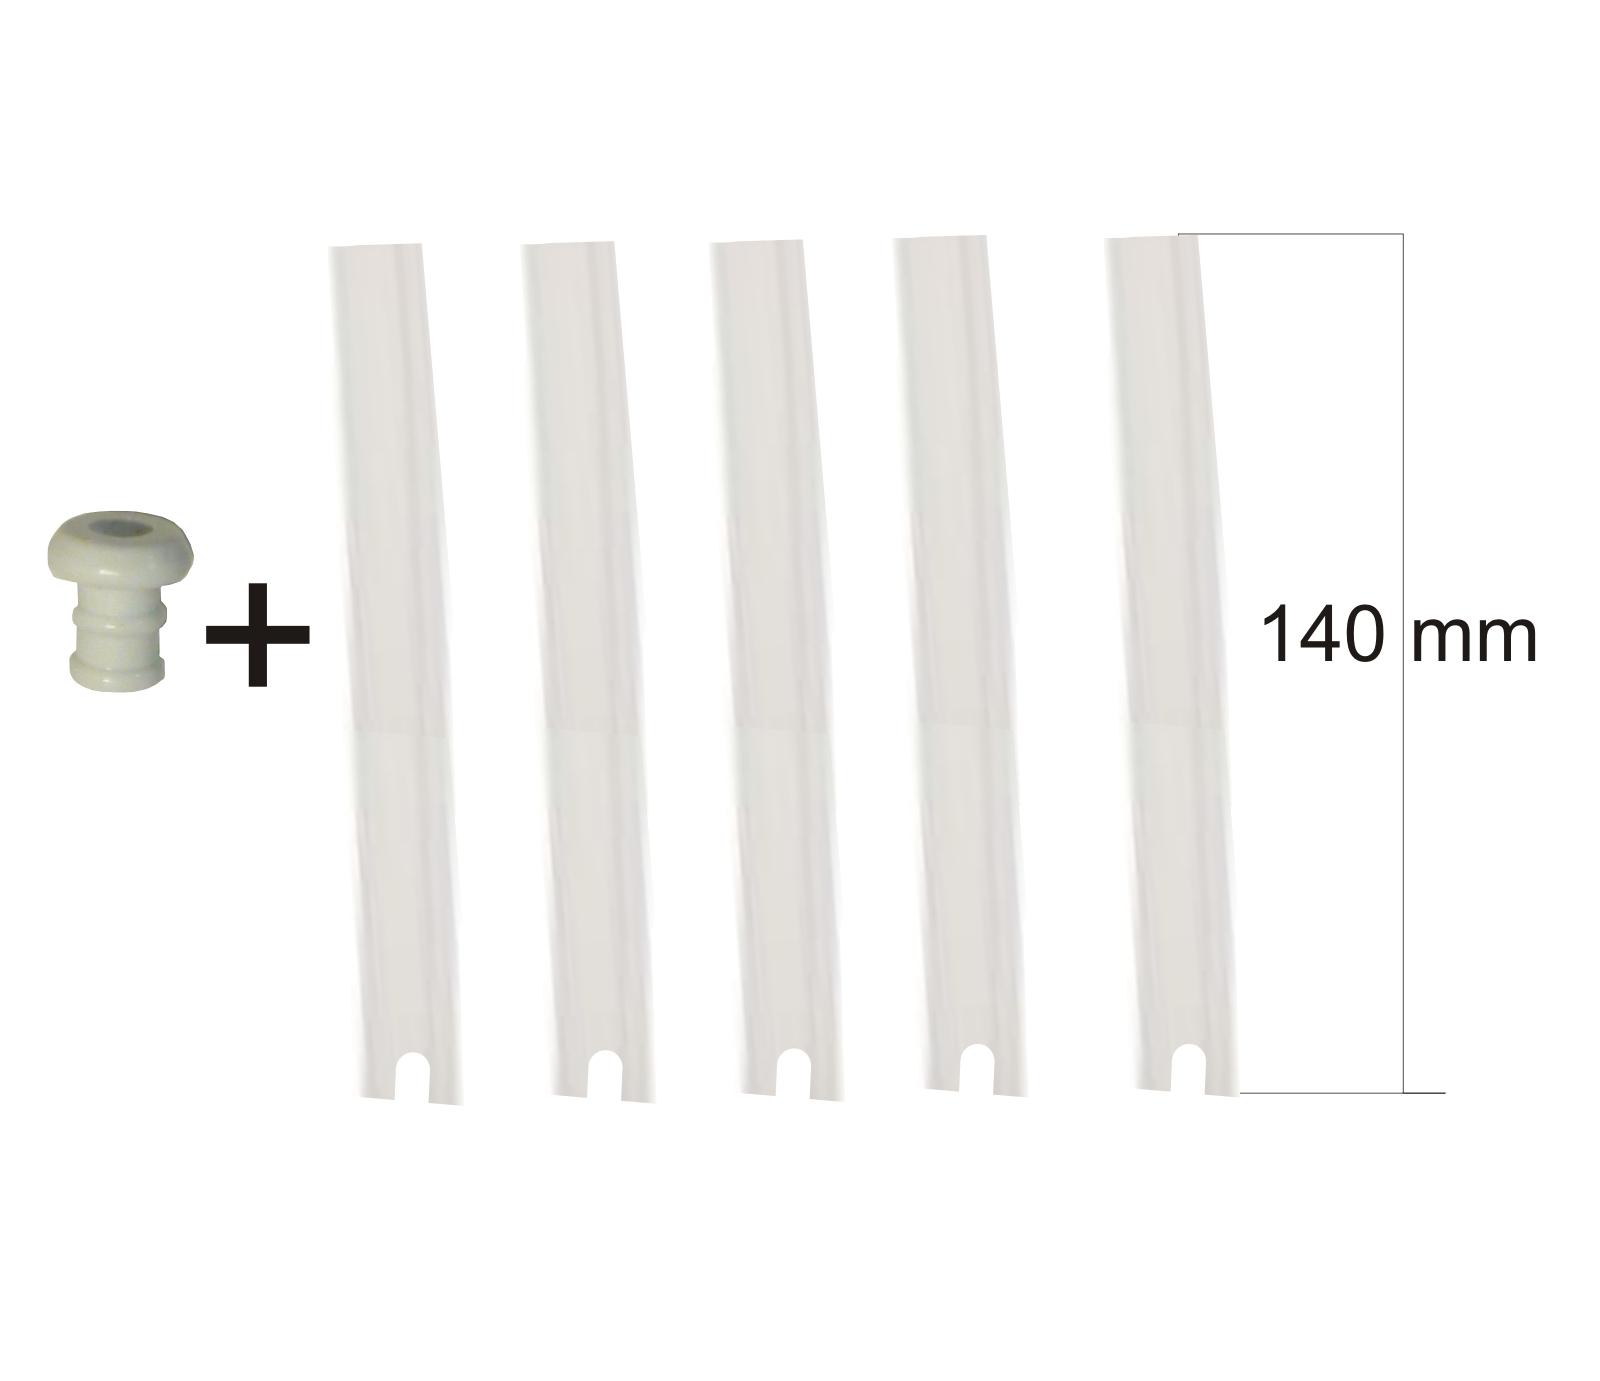 Milch-Schlauch Set mit Anschluss passend für Saeco Xelsis - Exprelia Karaffe